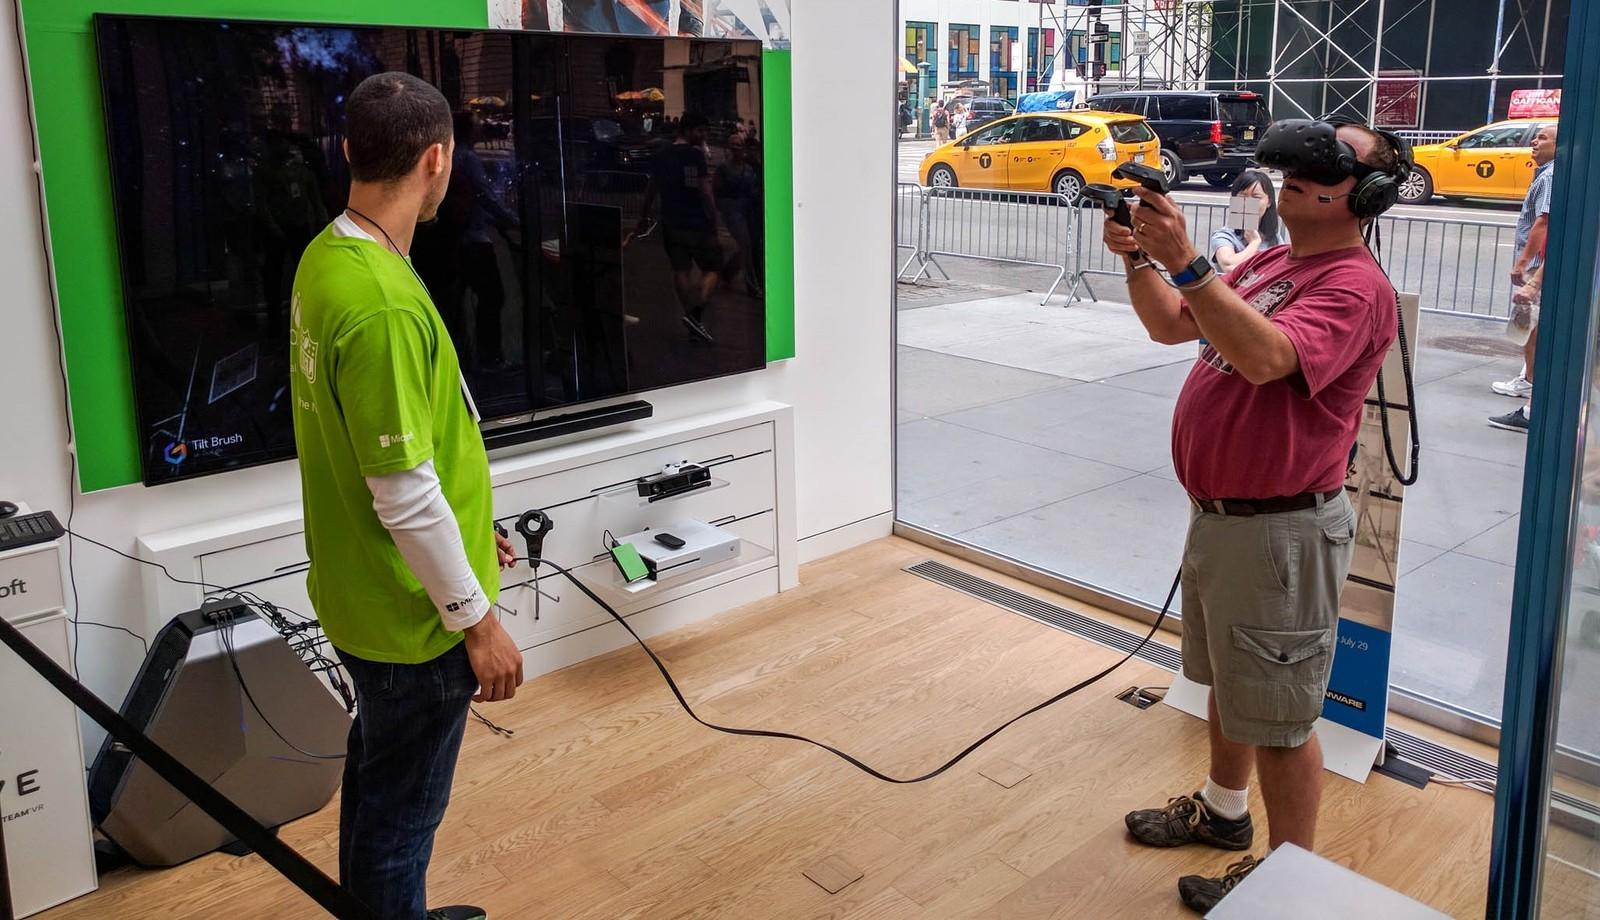 A Live VR Demo